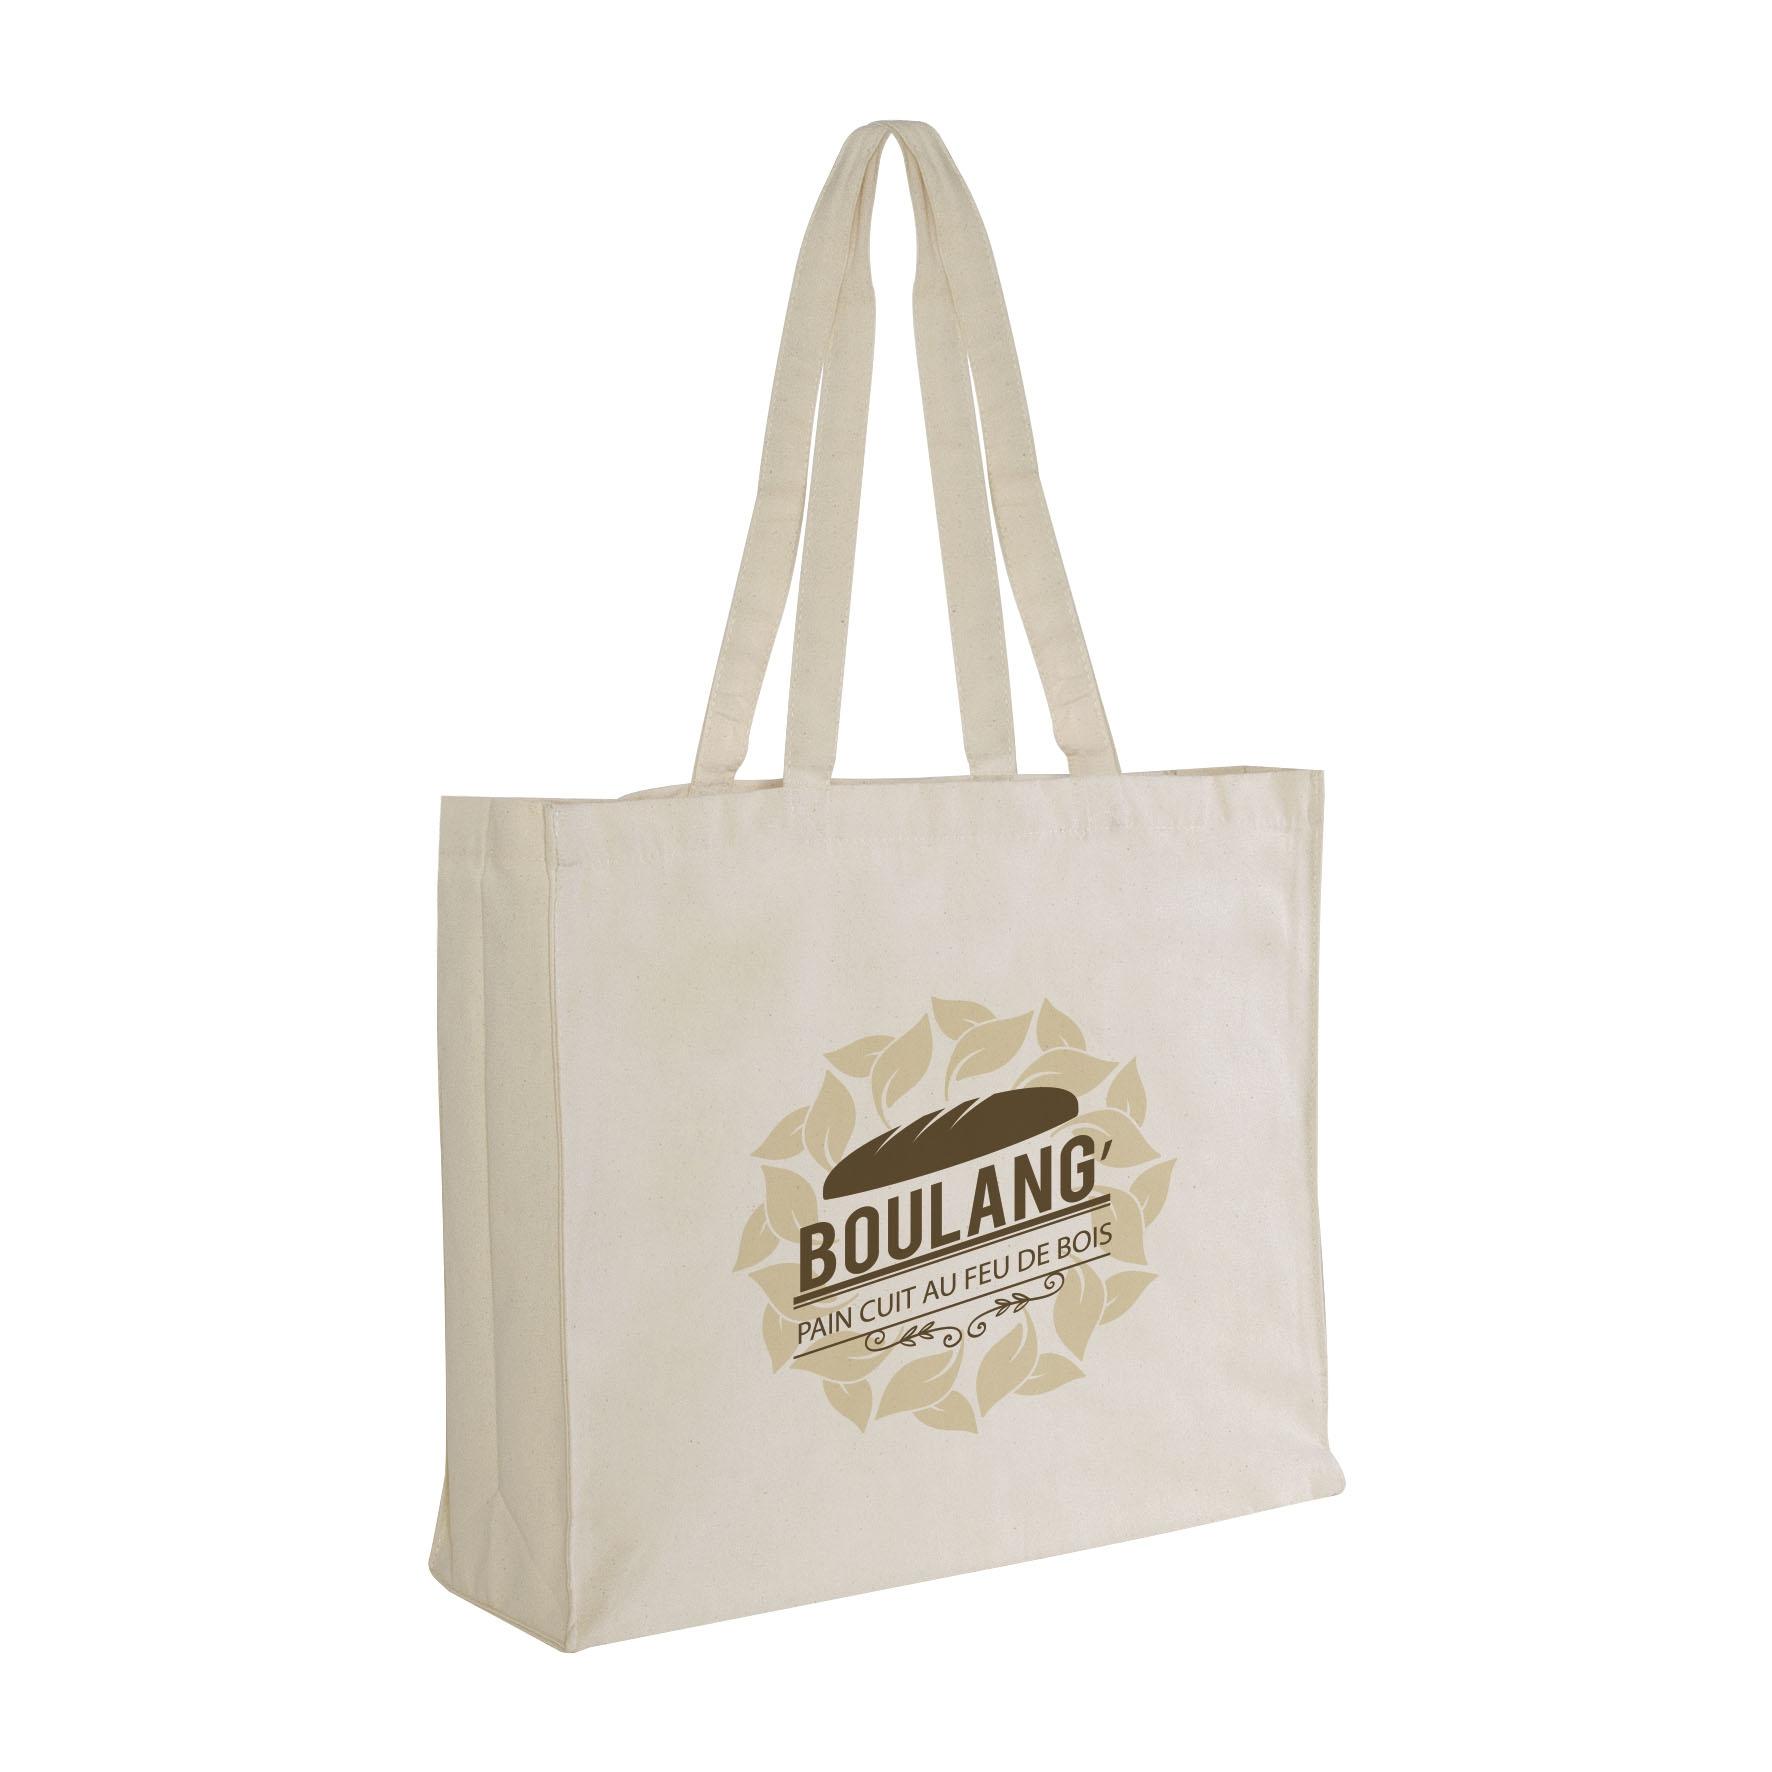 Sac shopping publicitaire écologique coton canevas Large - Sac shopping personnalisable - noir